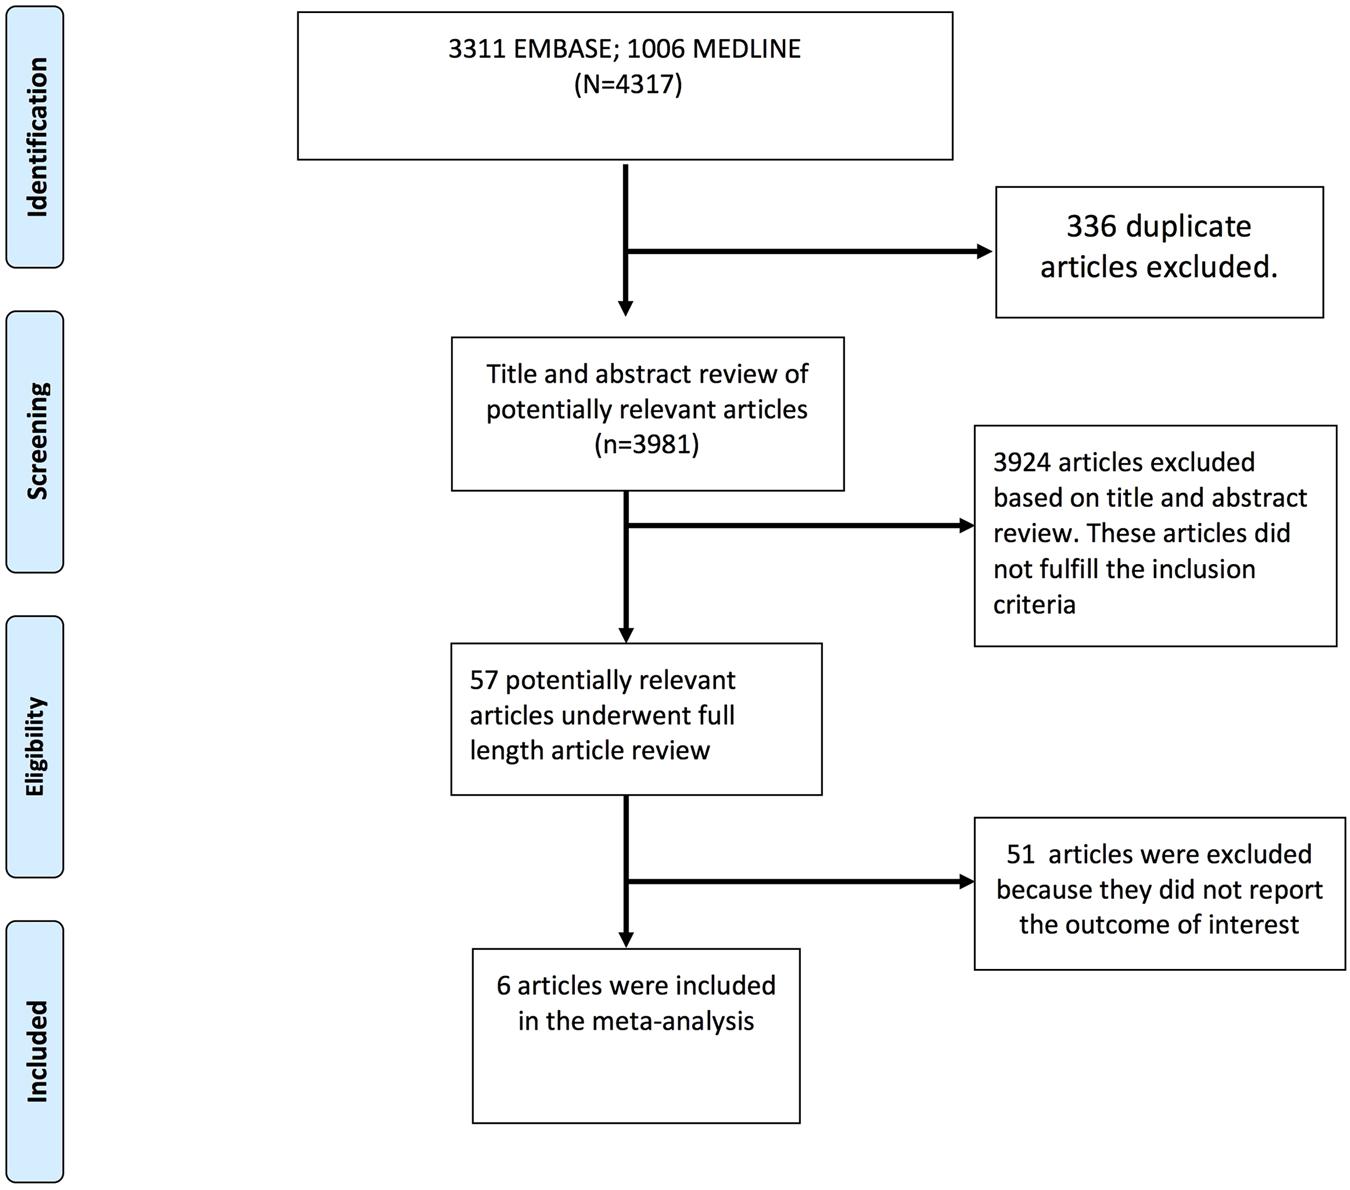 Association between diabetes mellitus and poor patient